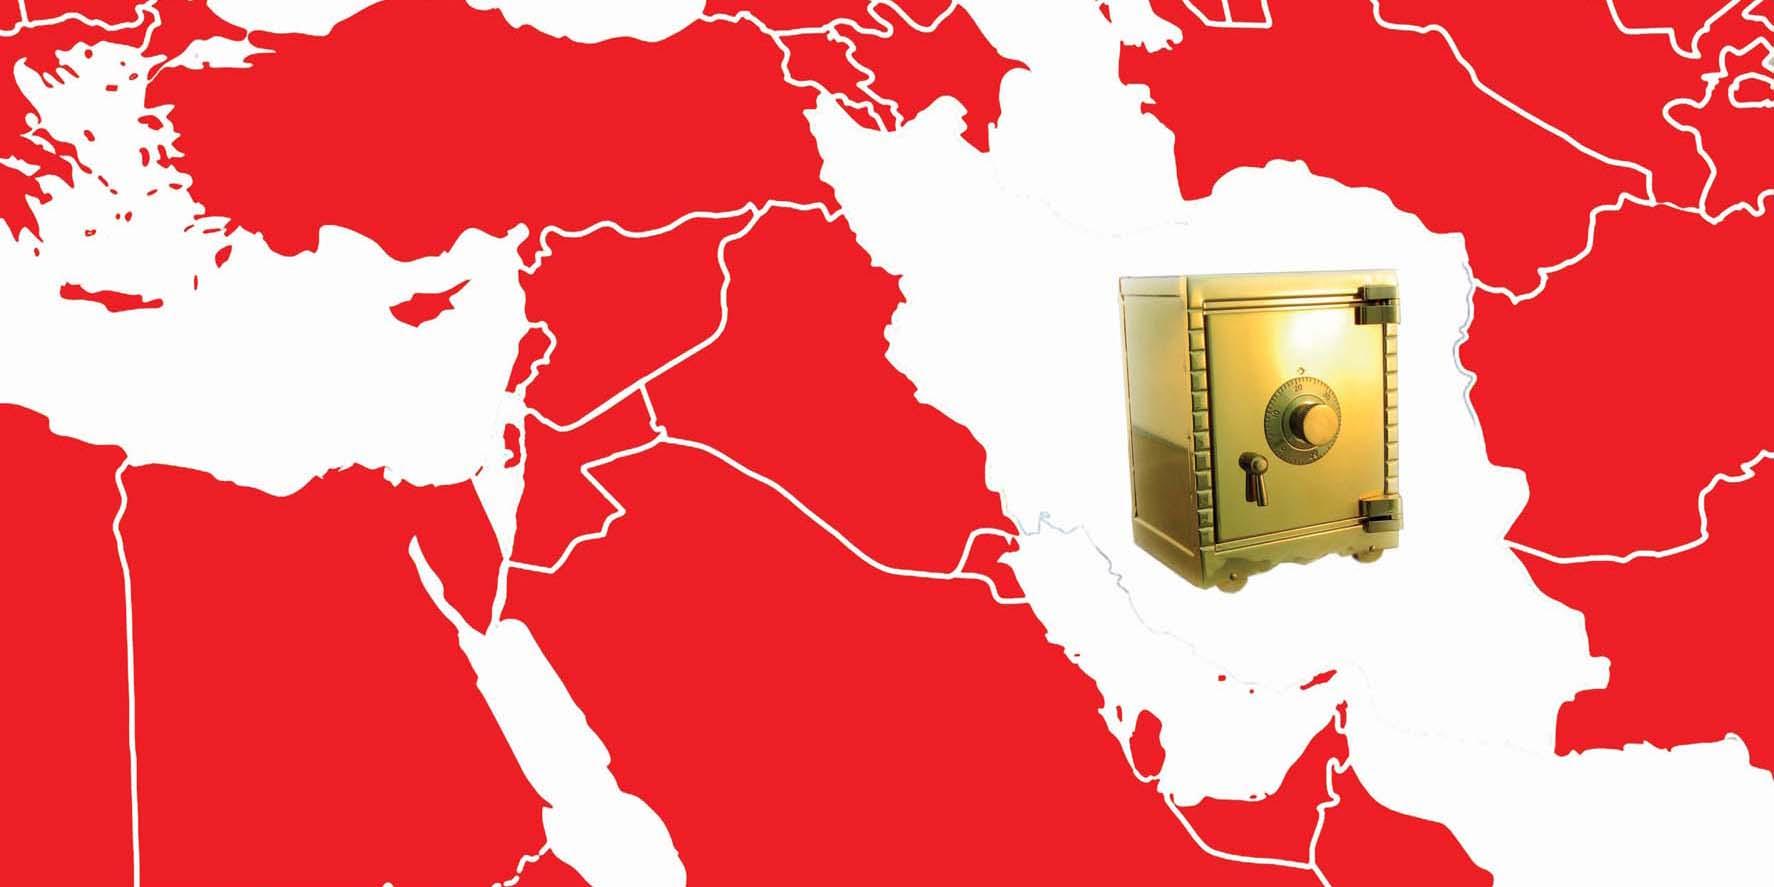 موسسه انگلیسی: ایران تا سال 2030 یکی از21قدرت اقتصادی جهان خواهد بود